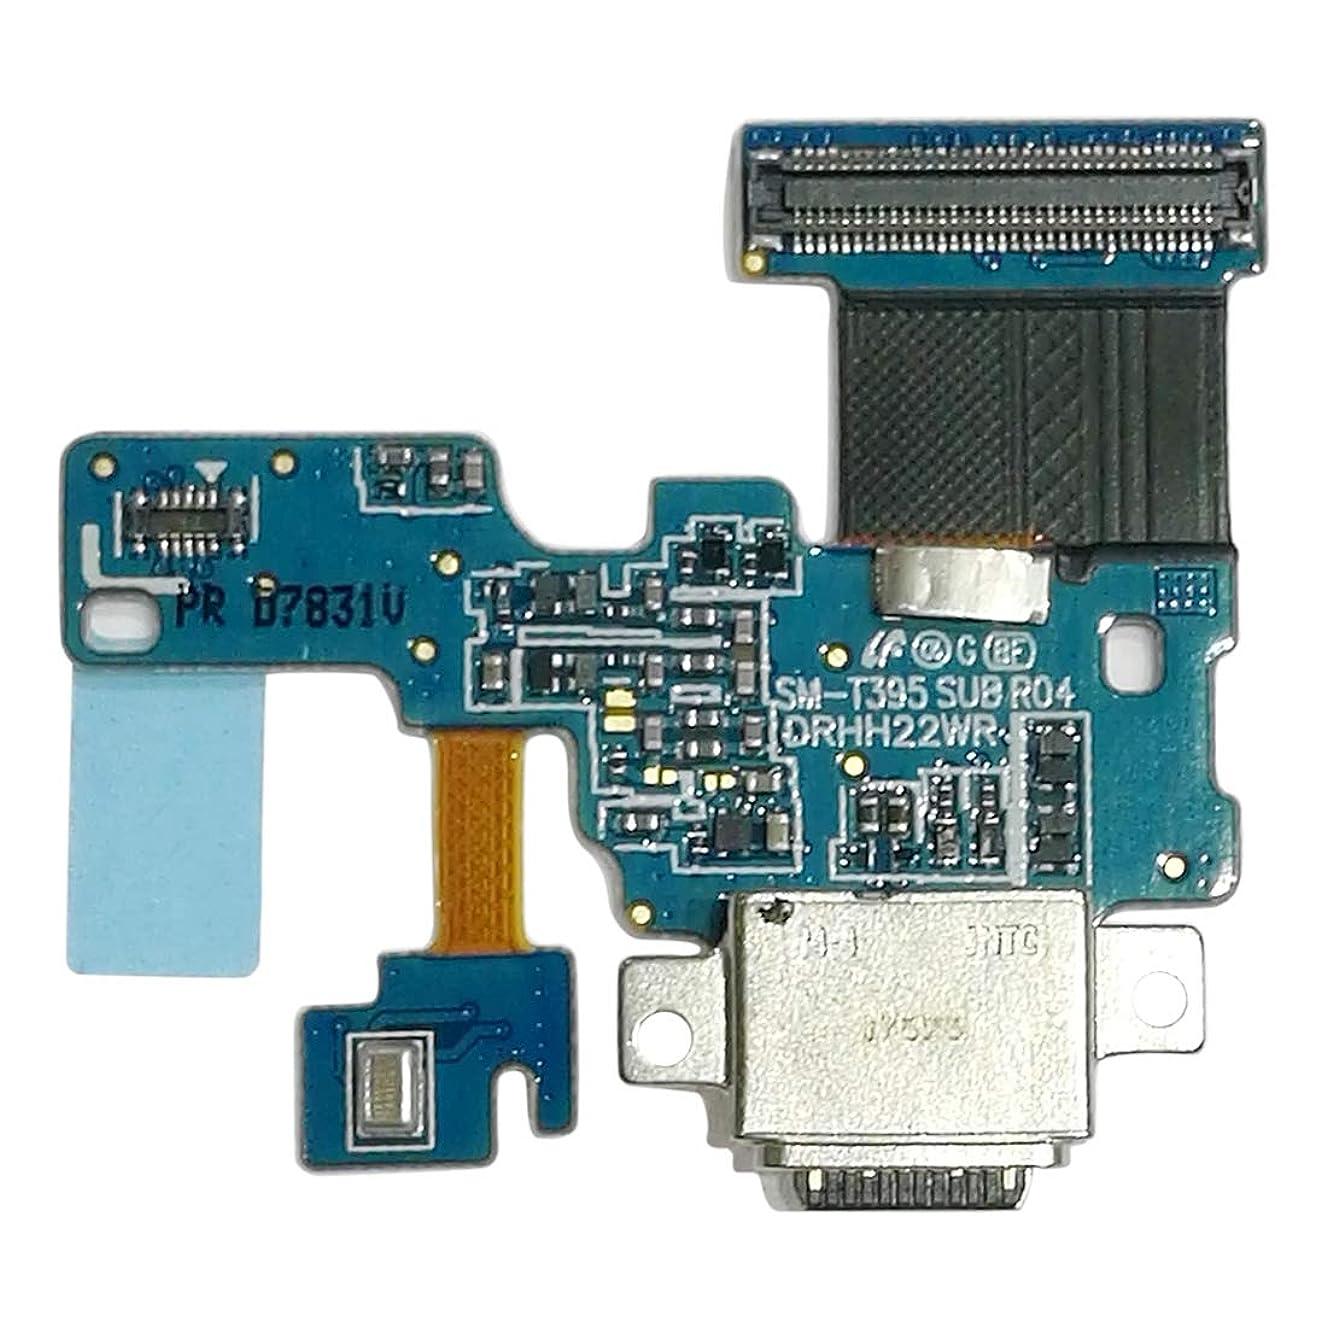 シャーロットブロンテエンディングラメ電話修理パーツ ギャラクシータブアクティブ2 8.0 LTE / T395用充電ポートボード 電話スペアパーツ